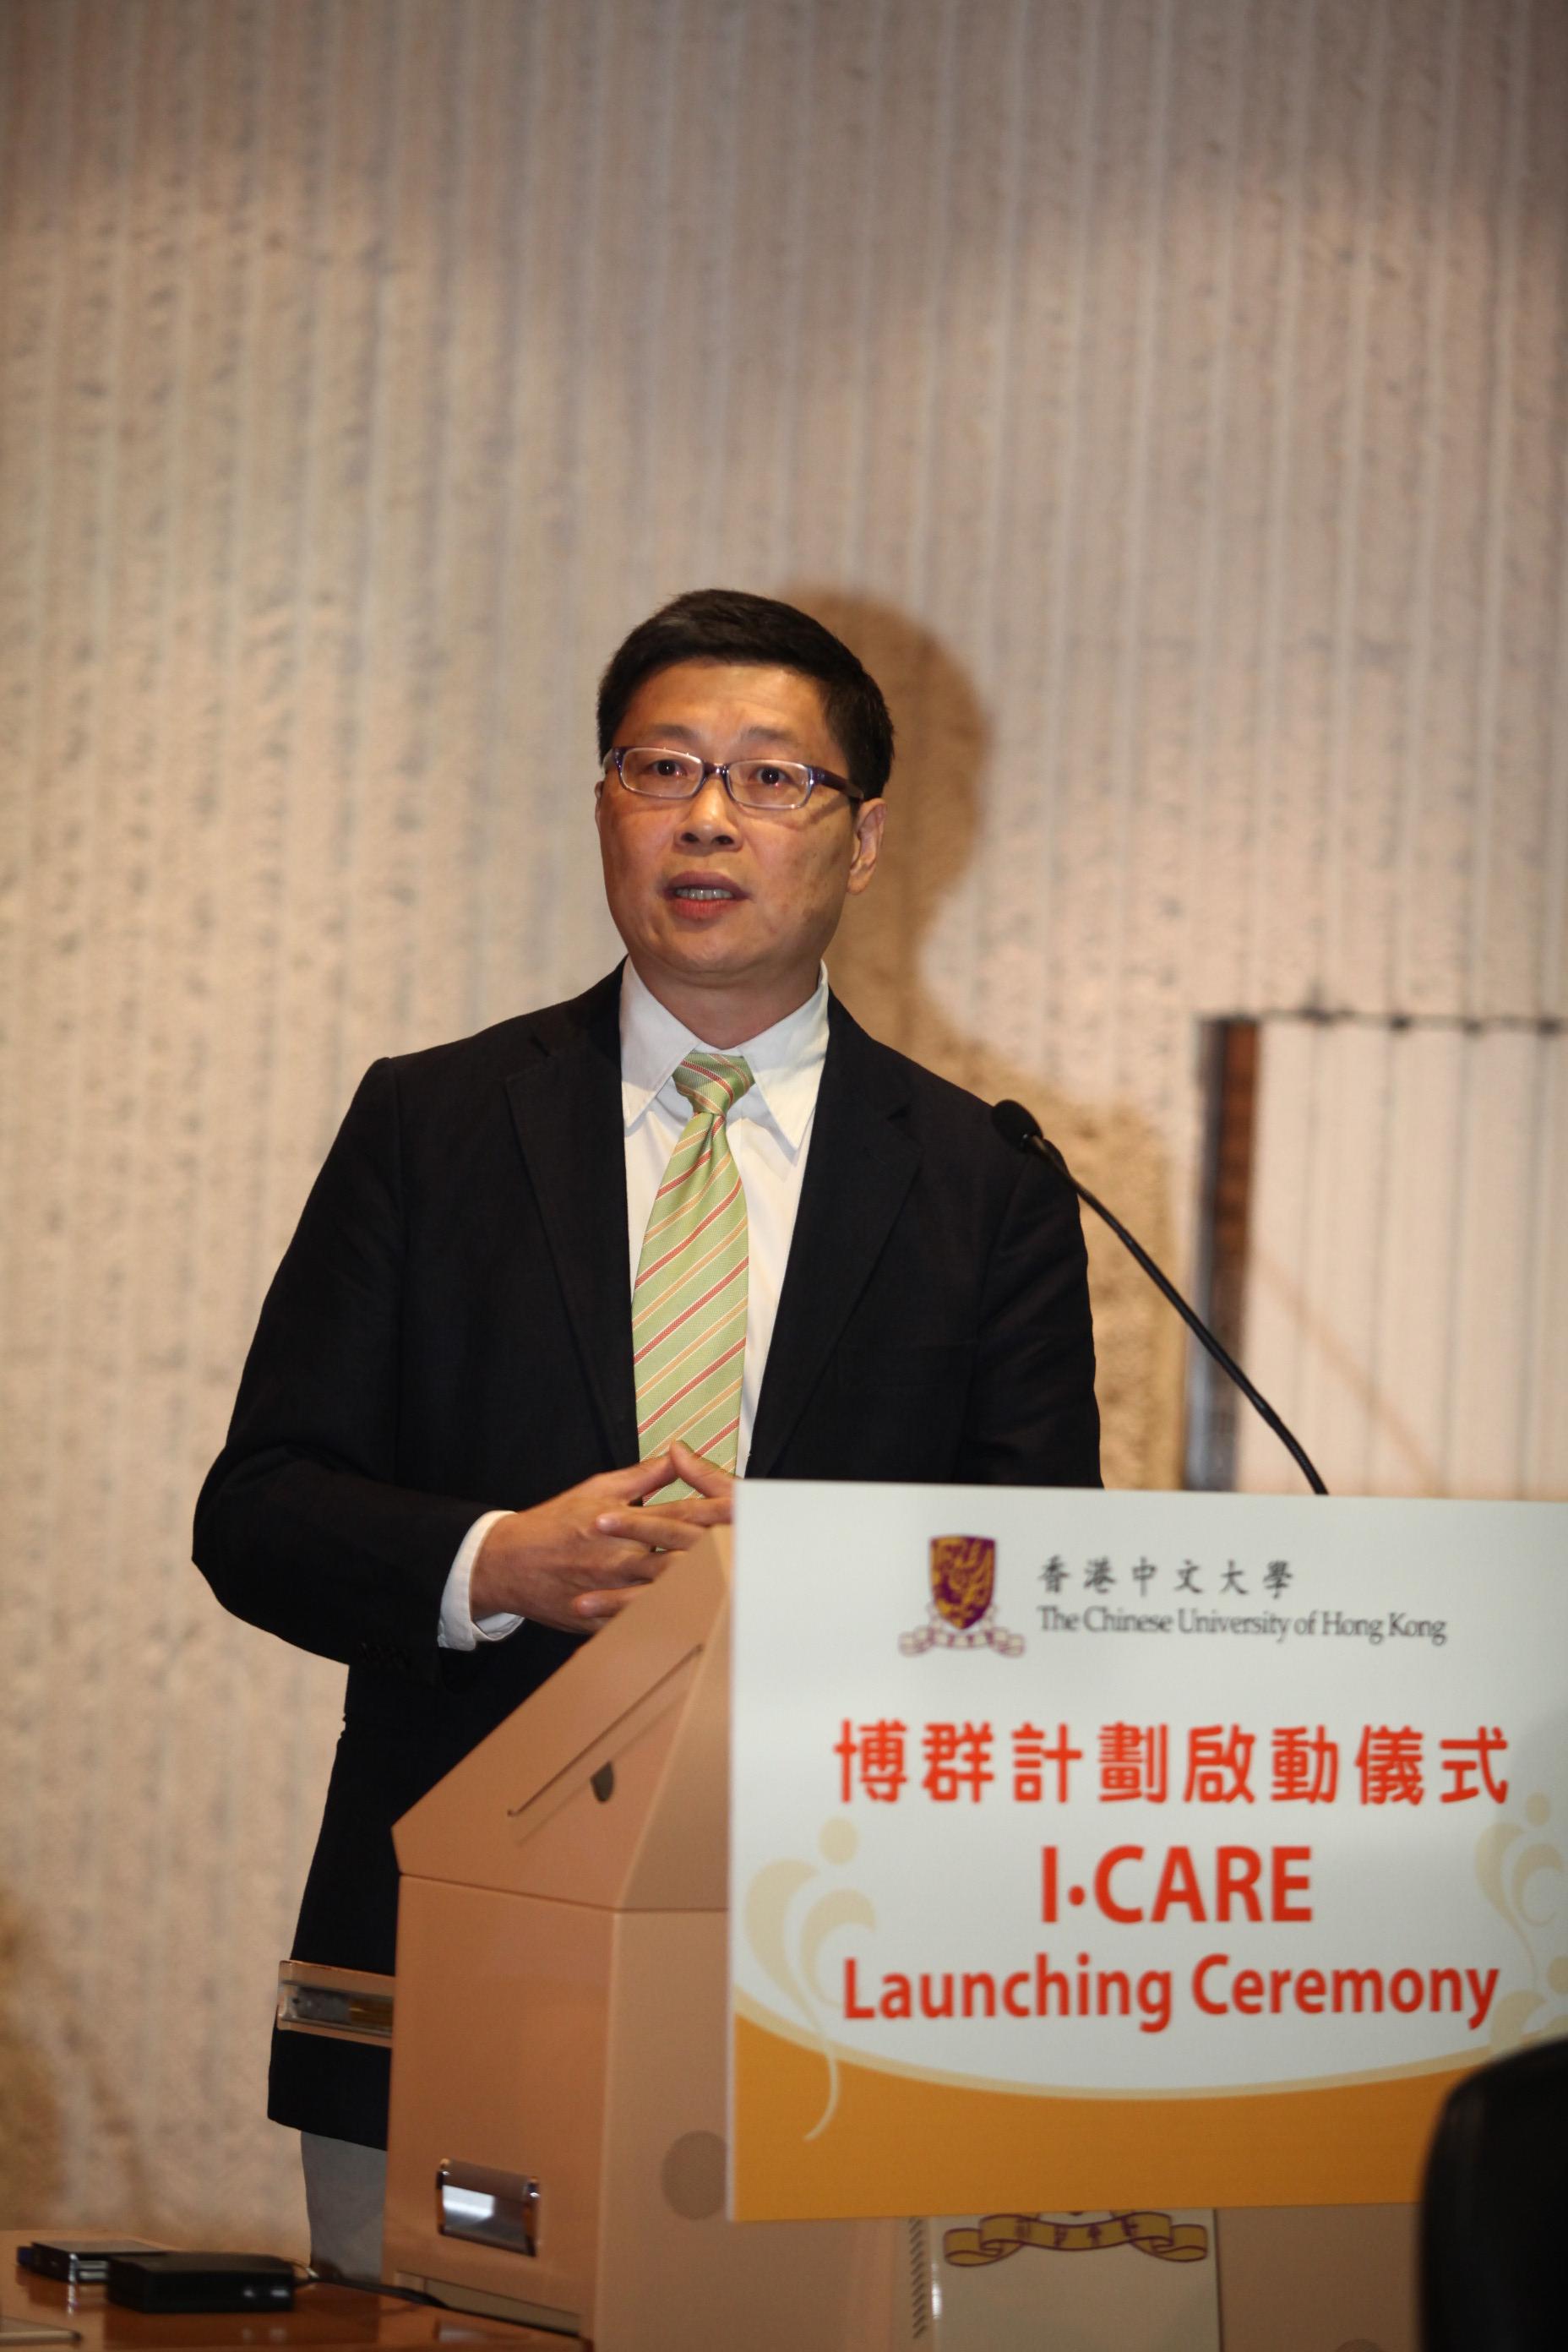 陳健民教授介紹如何推廣社企及企業社會責任。